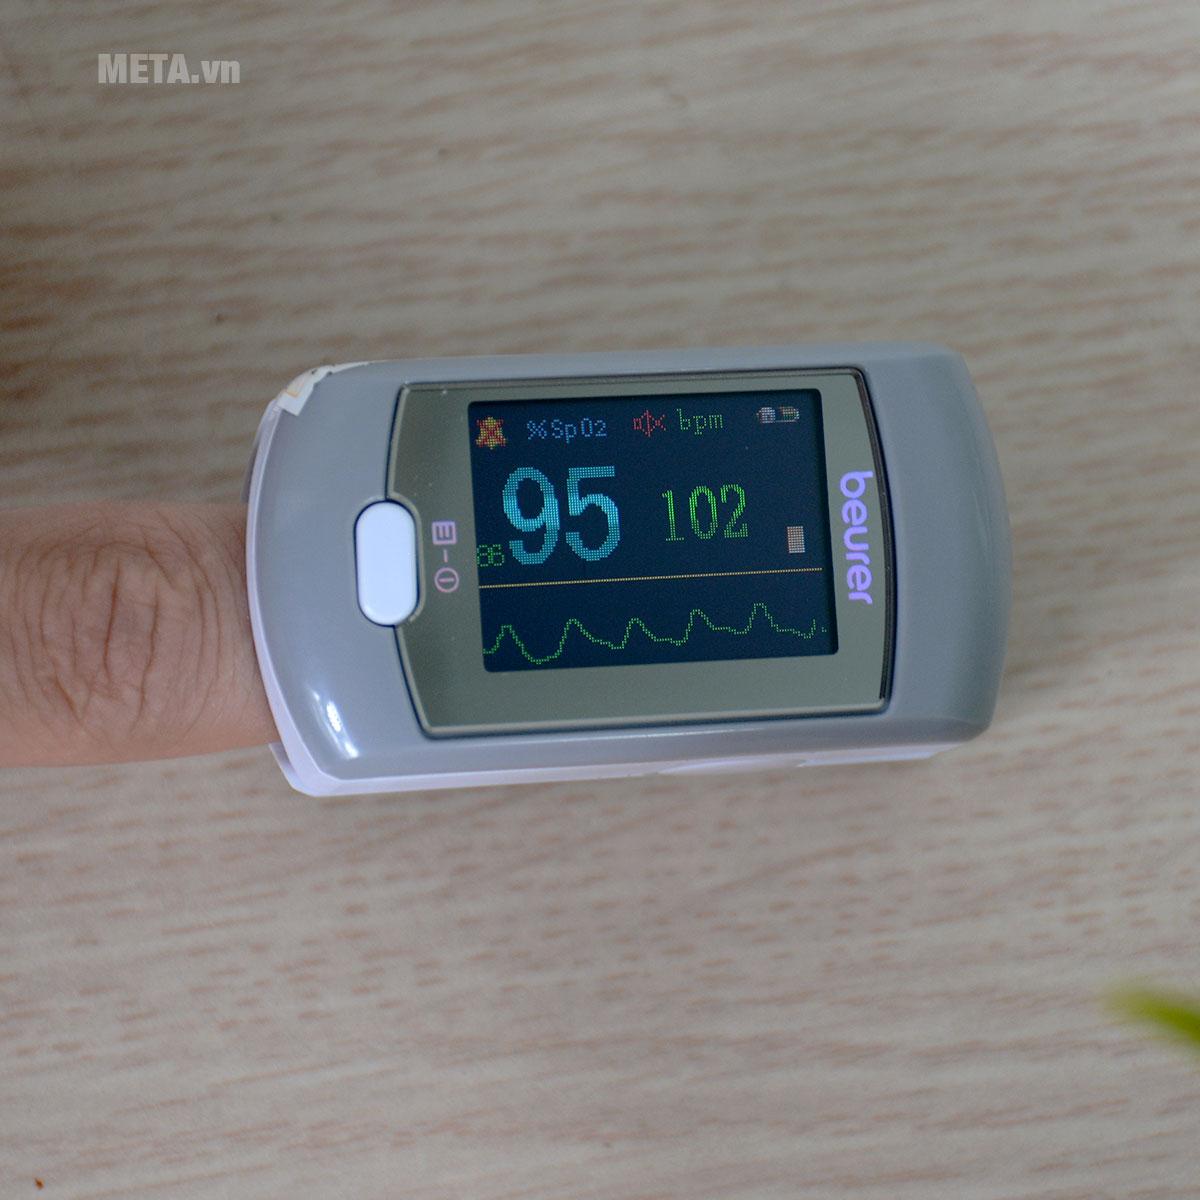 Máy đo nồng độ oxy trong máu SpO2 và nhịp tim Beurer PO80 được thiết kế với màn hình lớn.